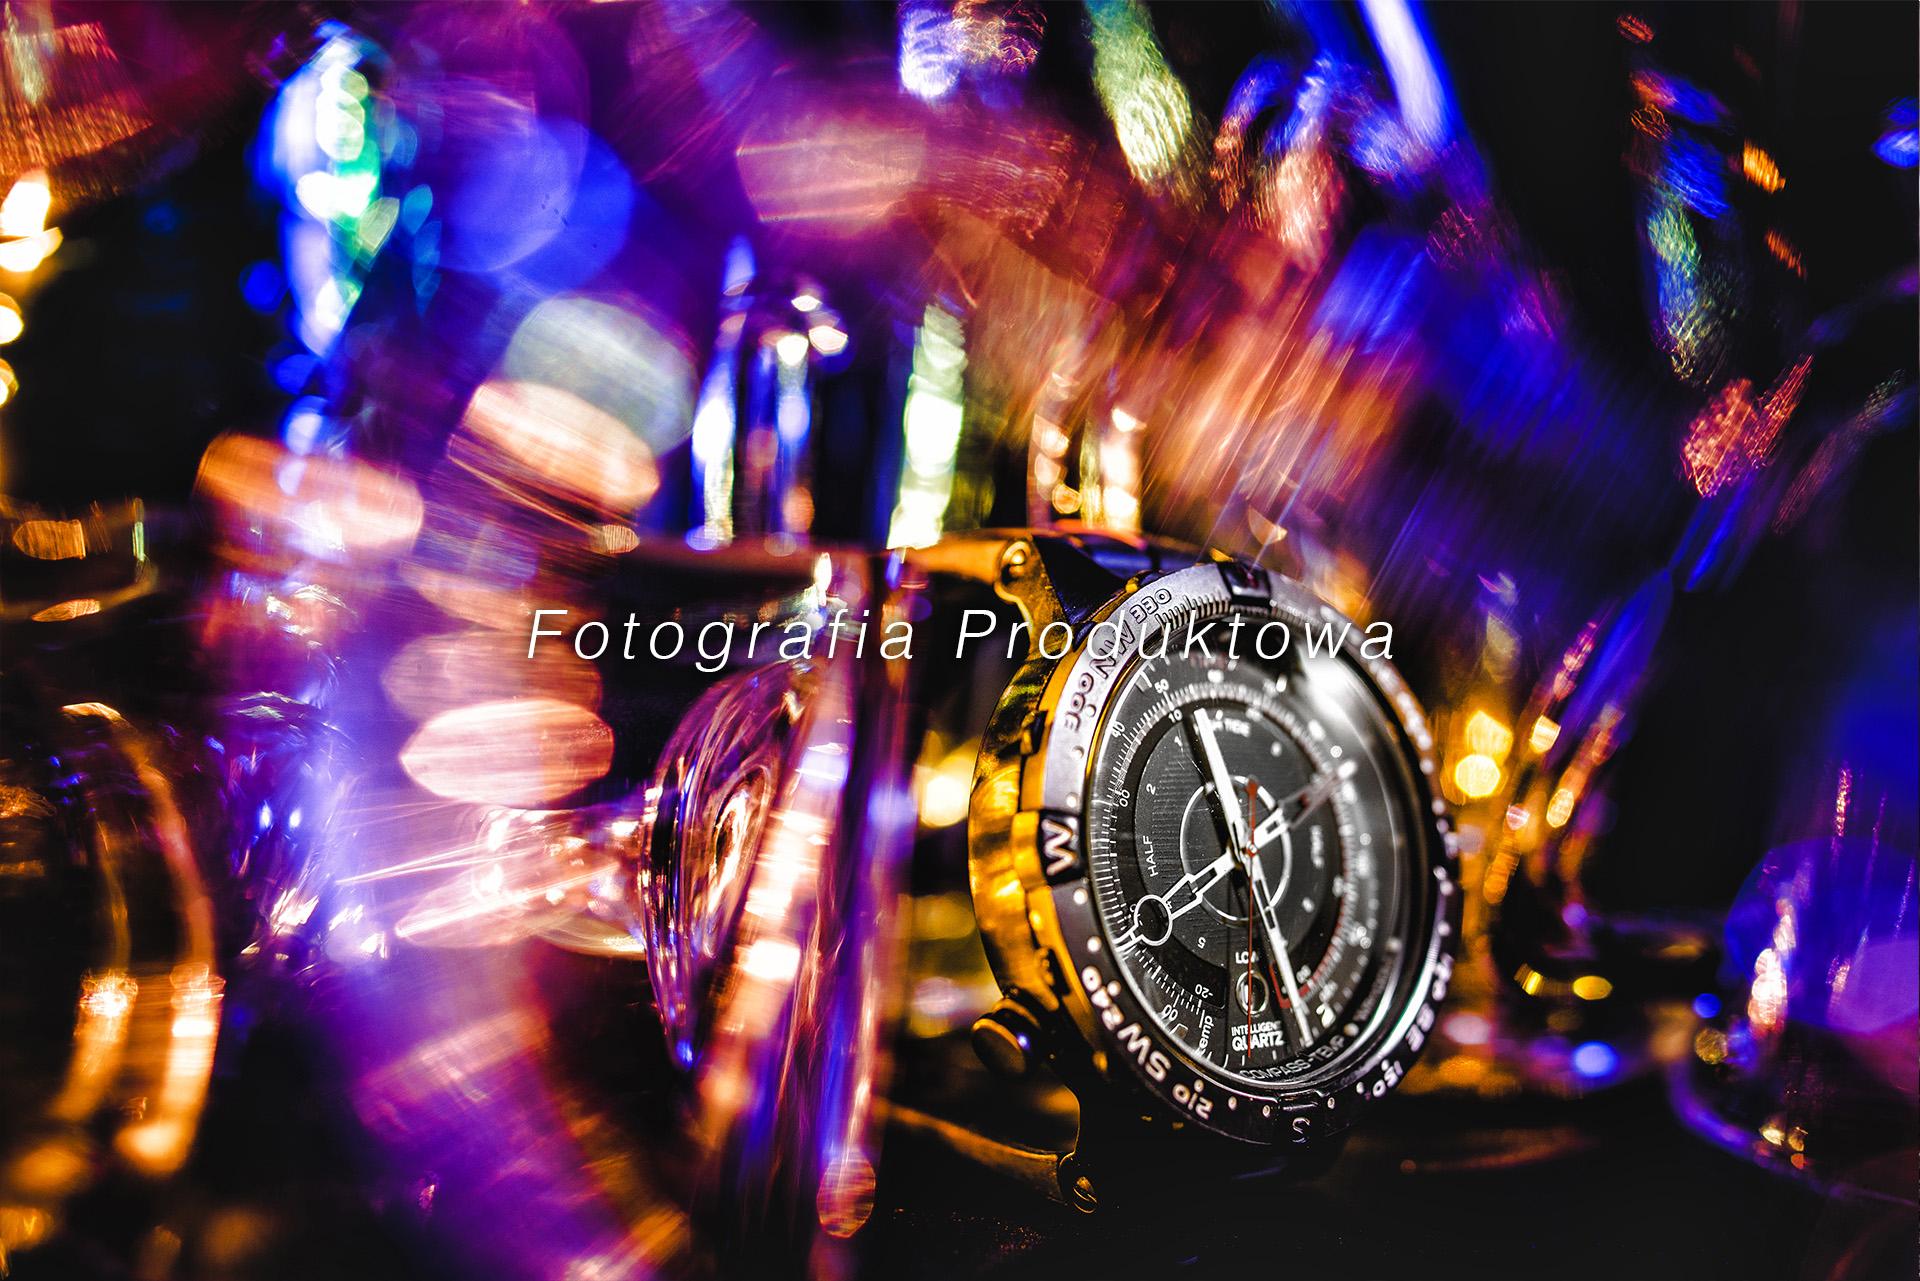 fotografia-produktowa-wrocław-2017